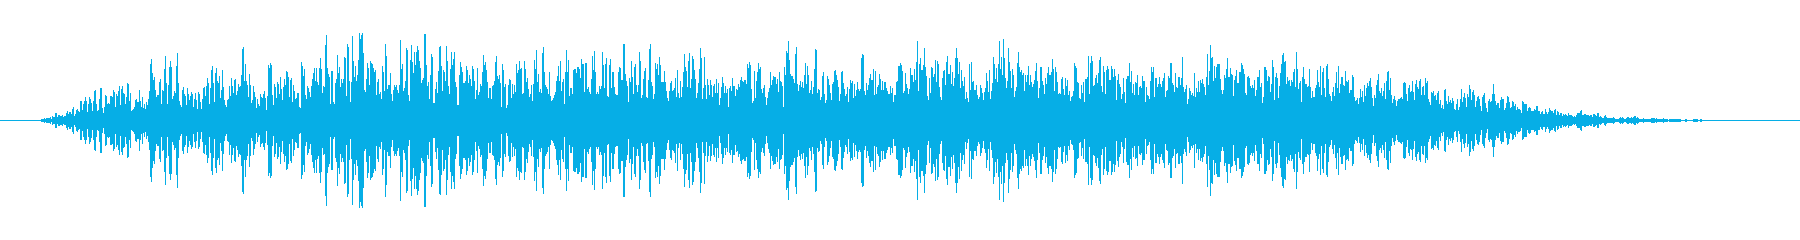 ゴゴゴゴドドドド(土系の音)の再生済みの波形